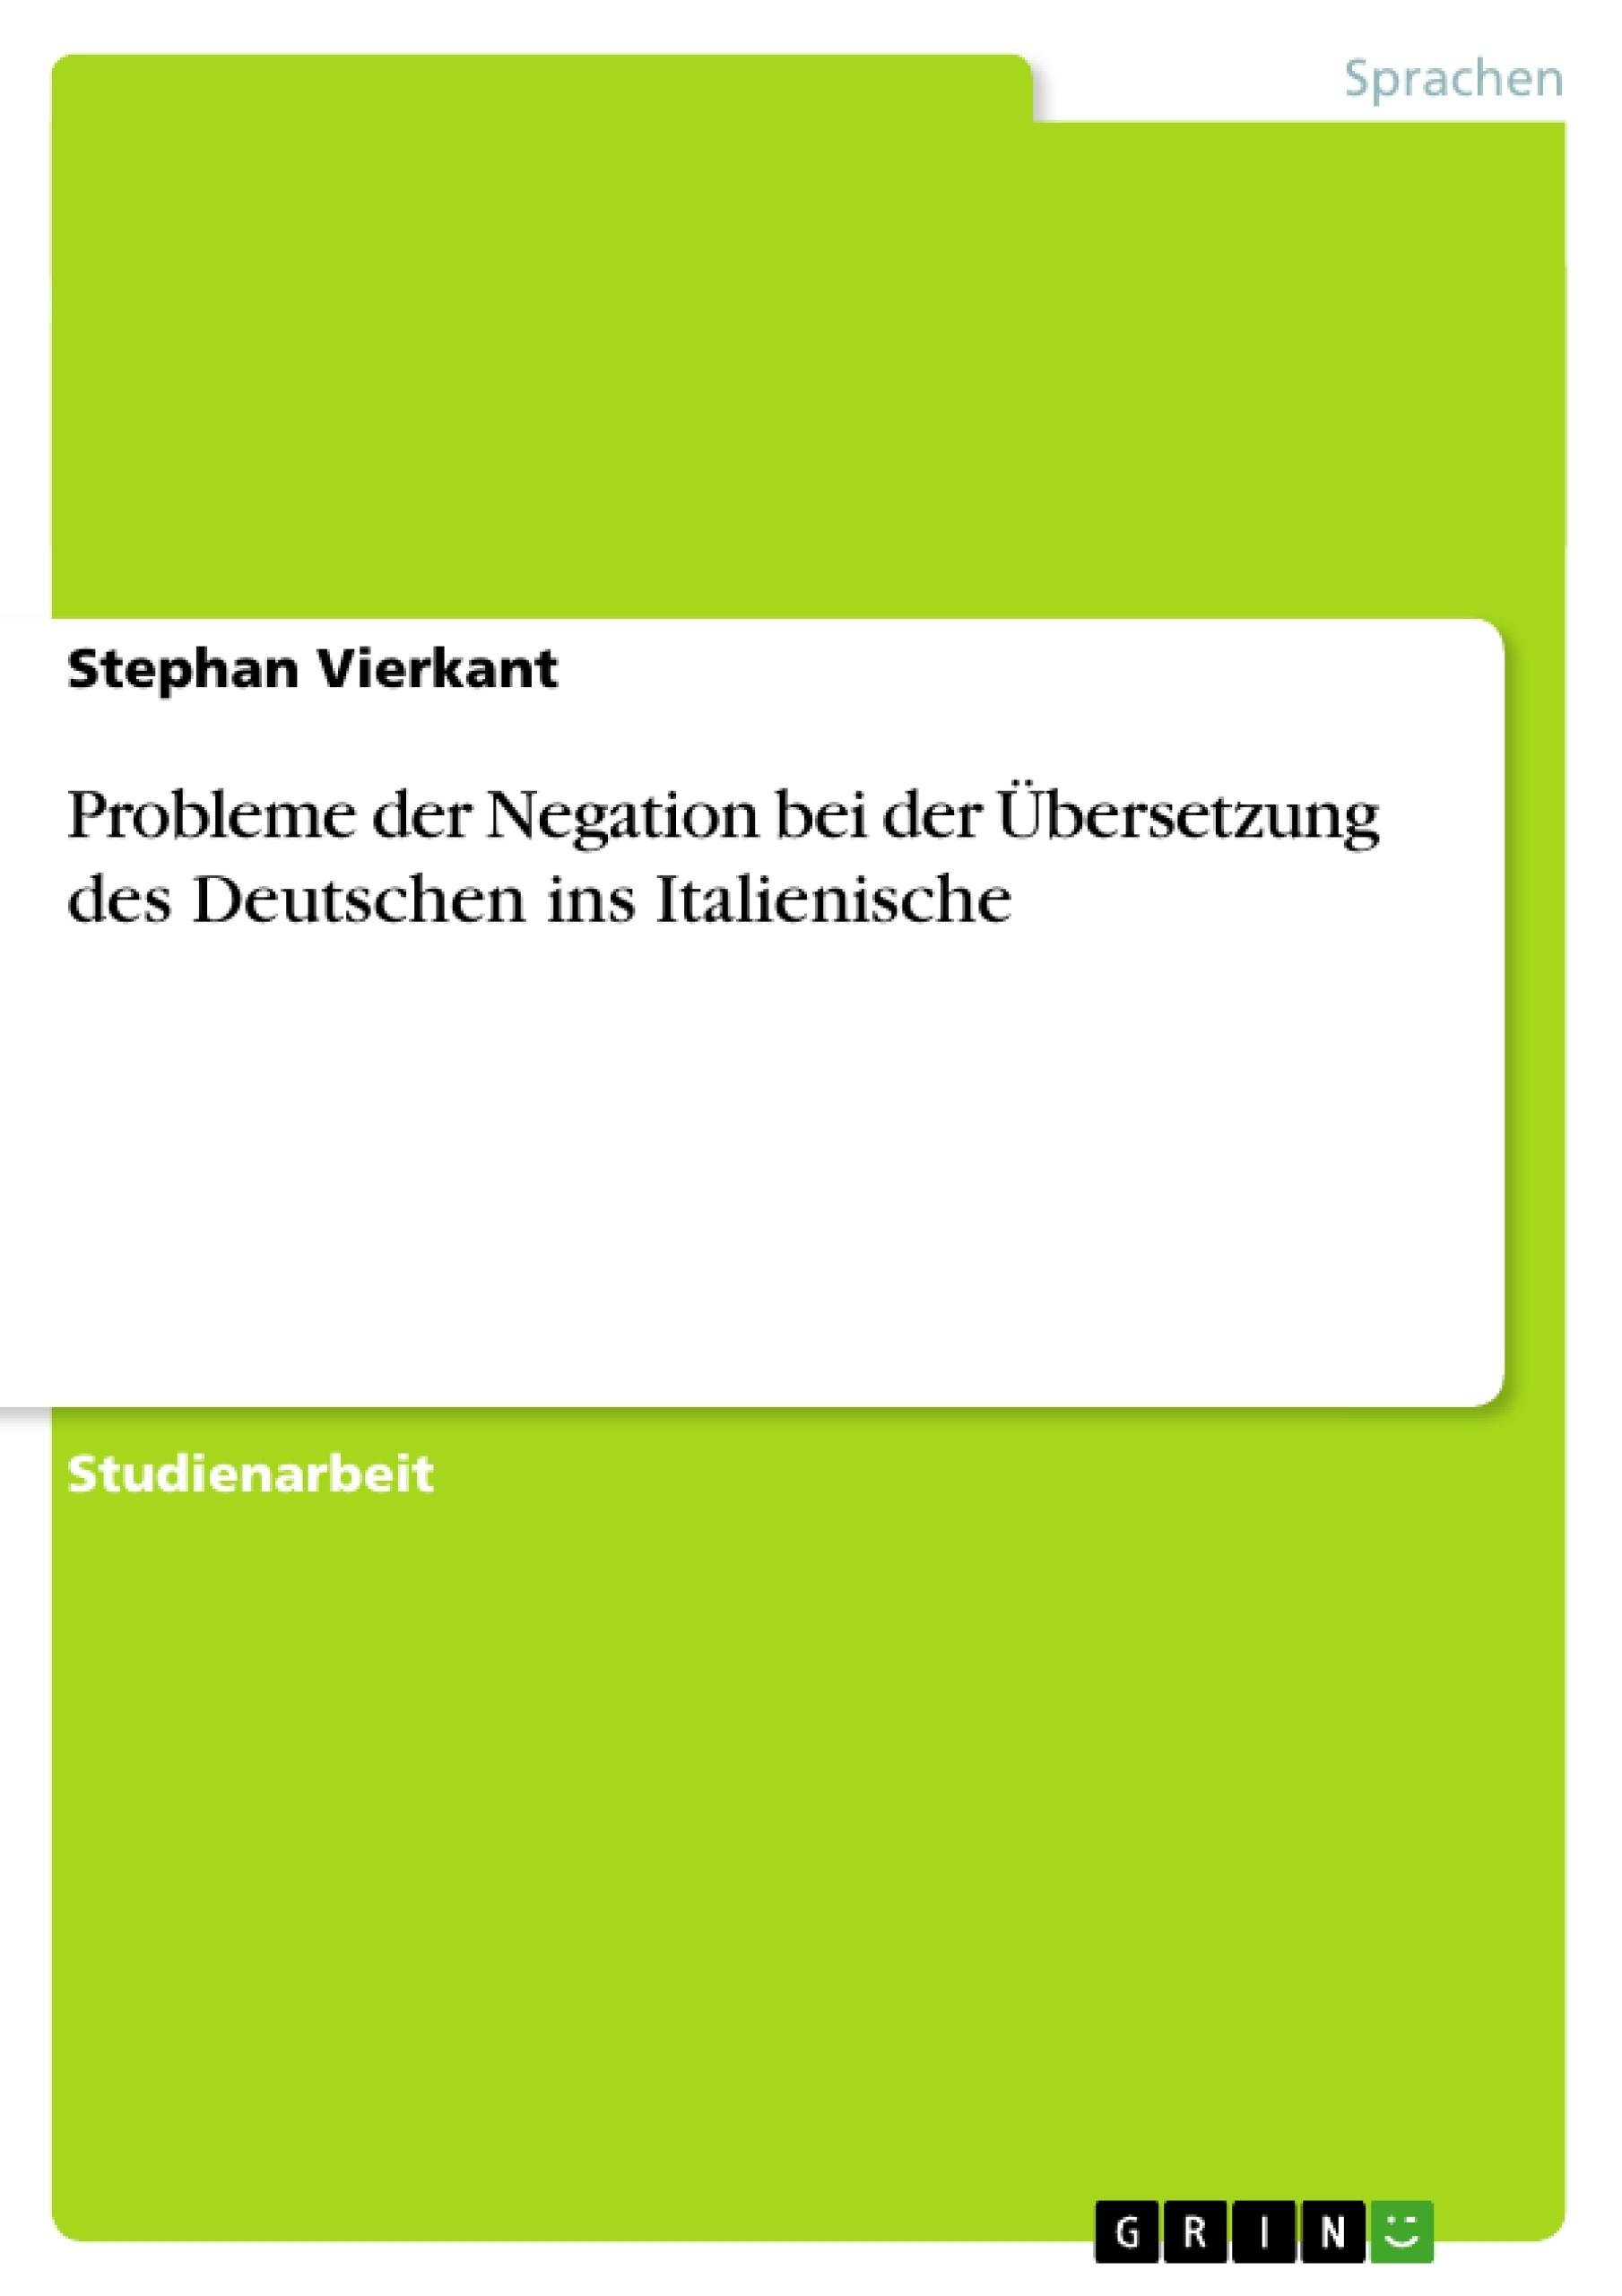 Titel: Probleme der Negation bei der Übersetzung des Deutschen ins Italienische